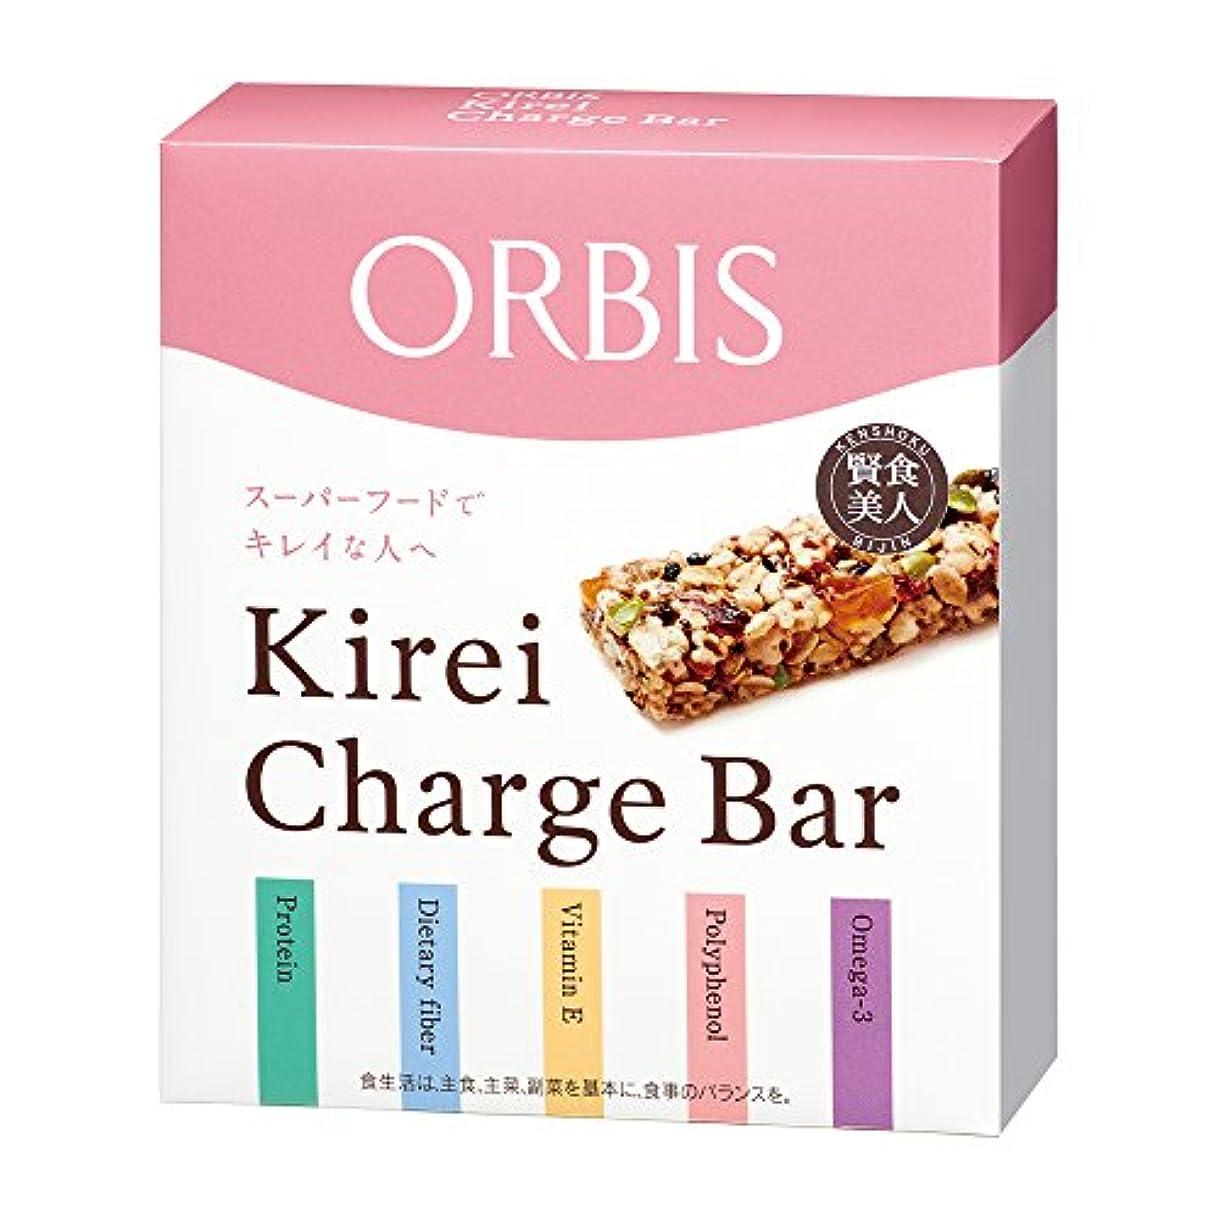 石助けになる推進力オルビス(ORBIS) Kirei Charge Bar(キレイチャージバー) オリジナルミックス ◎美容シリアルバー◎